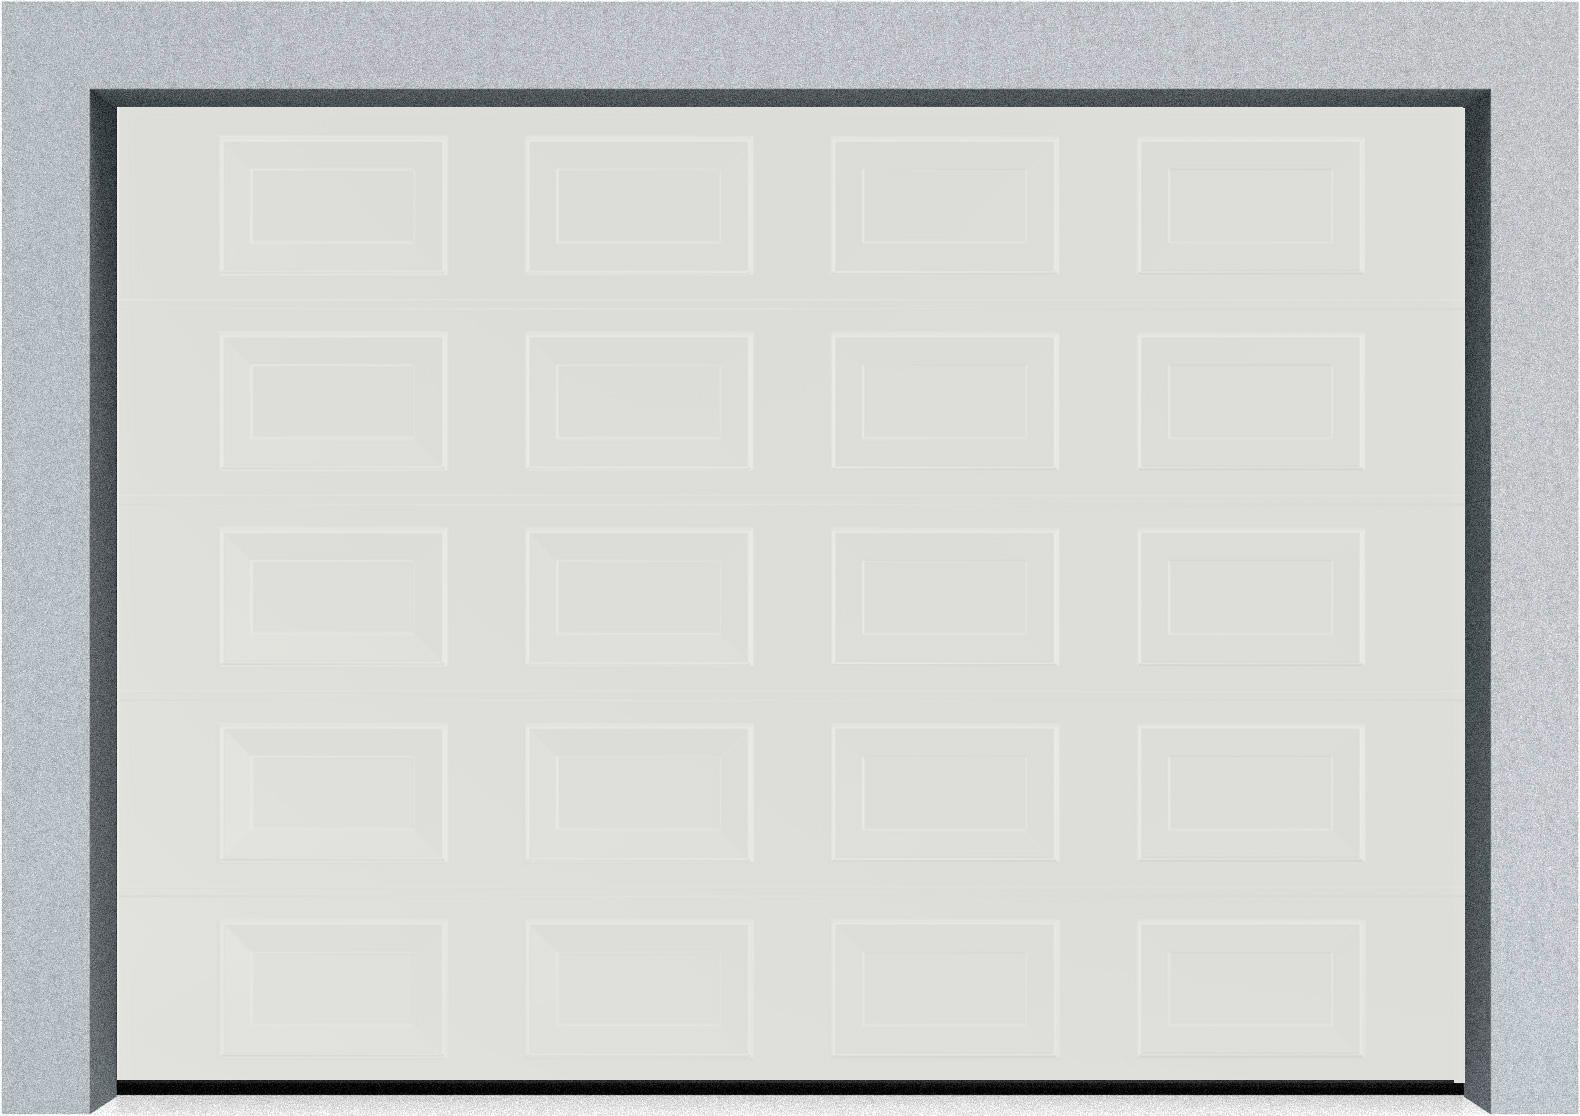 Секционные гаражные ворота DoorHan RSD01 3500x2000 Филенка стандартные цвета, пружины растяжения, фото 1